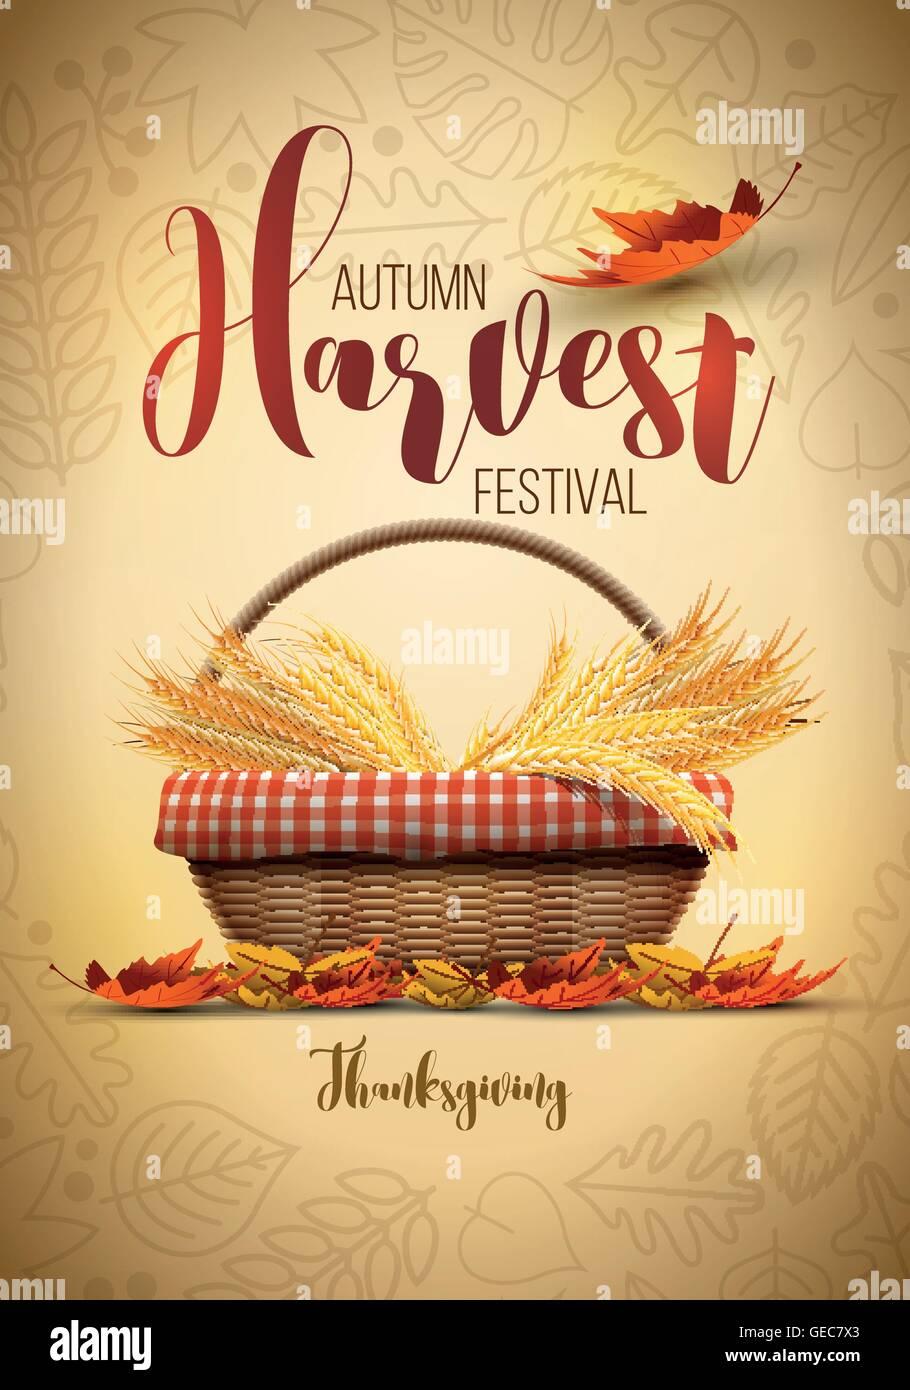 Festival de la cosecha de otoño Vector Poster Plantilla de diseño. Los elementos están organizados en capas por separado en archivo vectorial. Ilustración del Vector